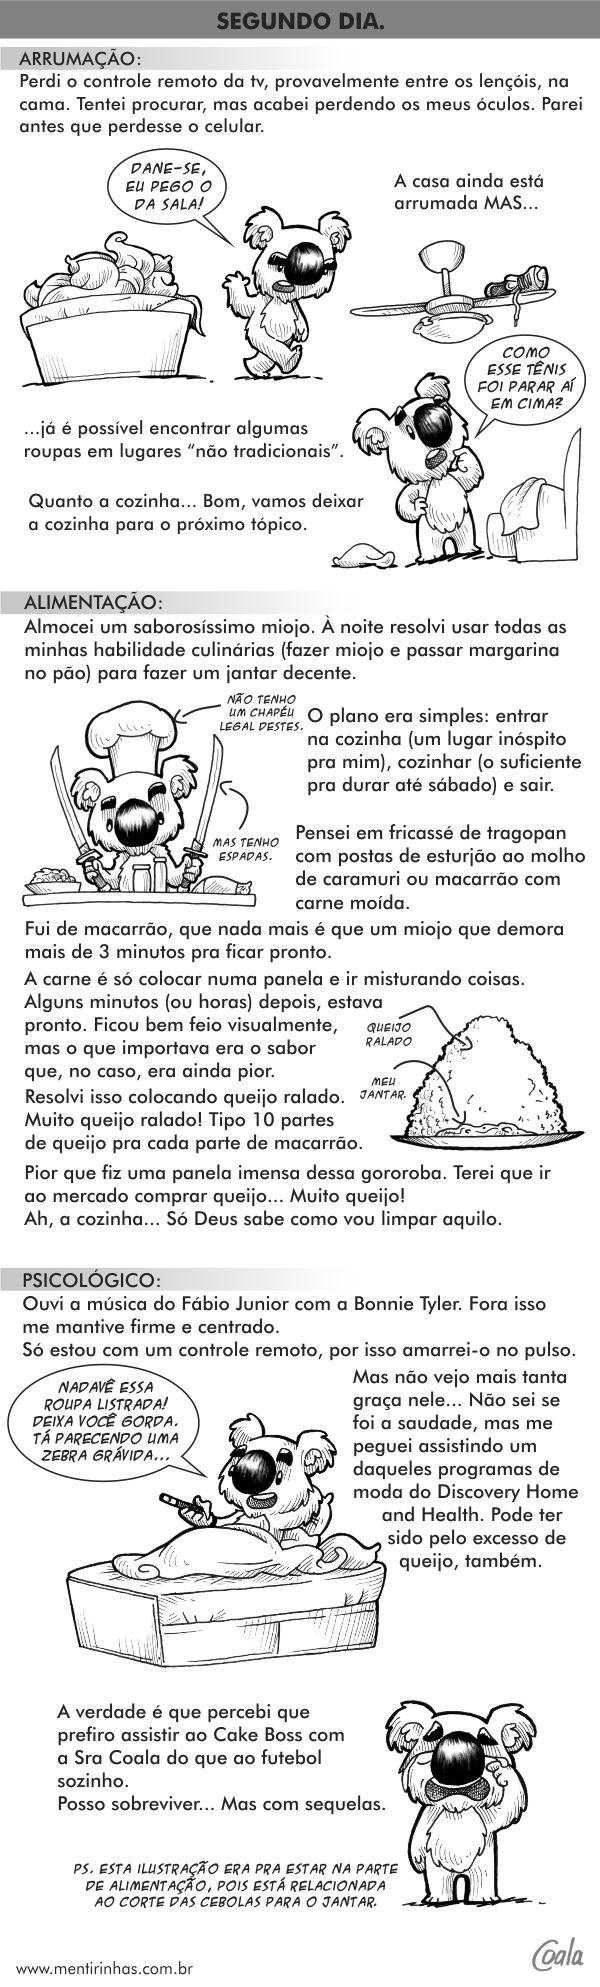 coala_diariodasorevivencia2b